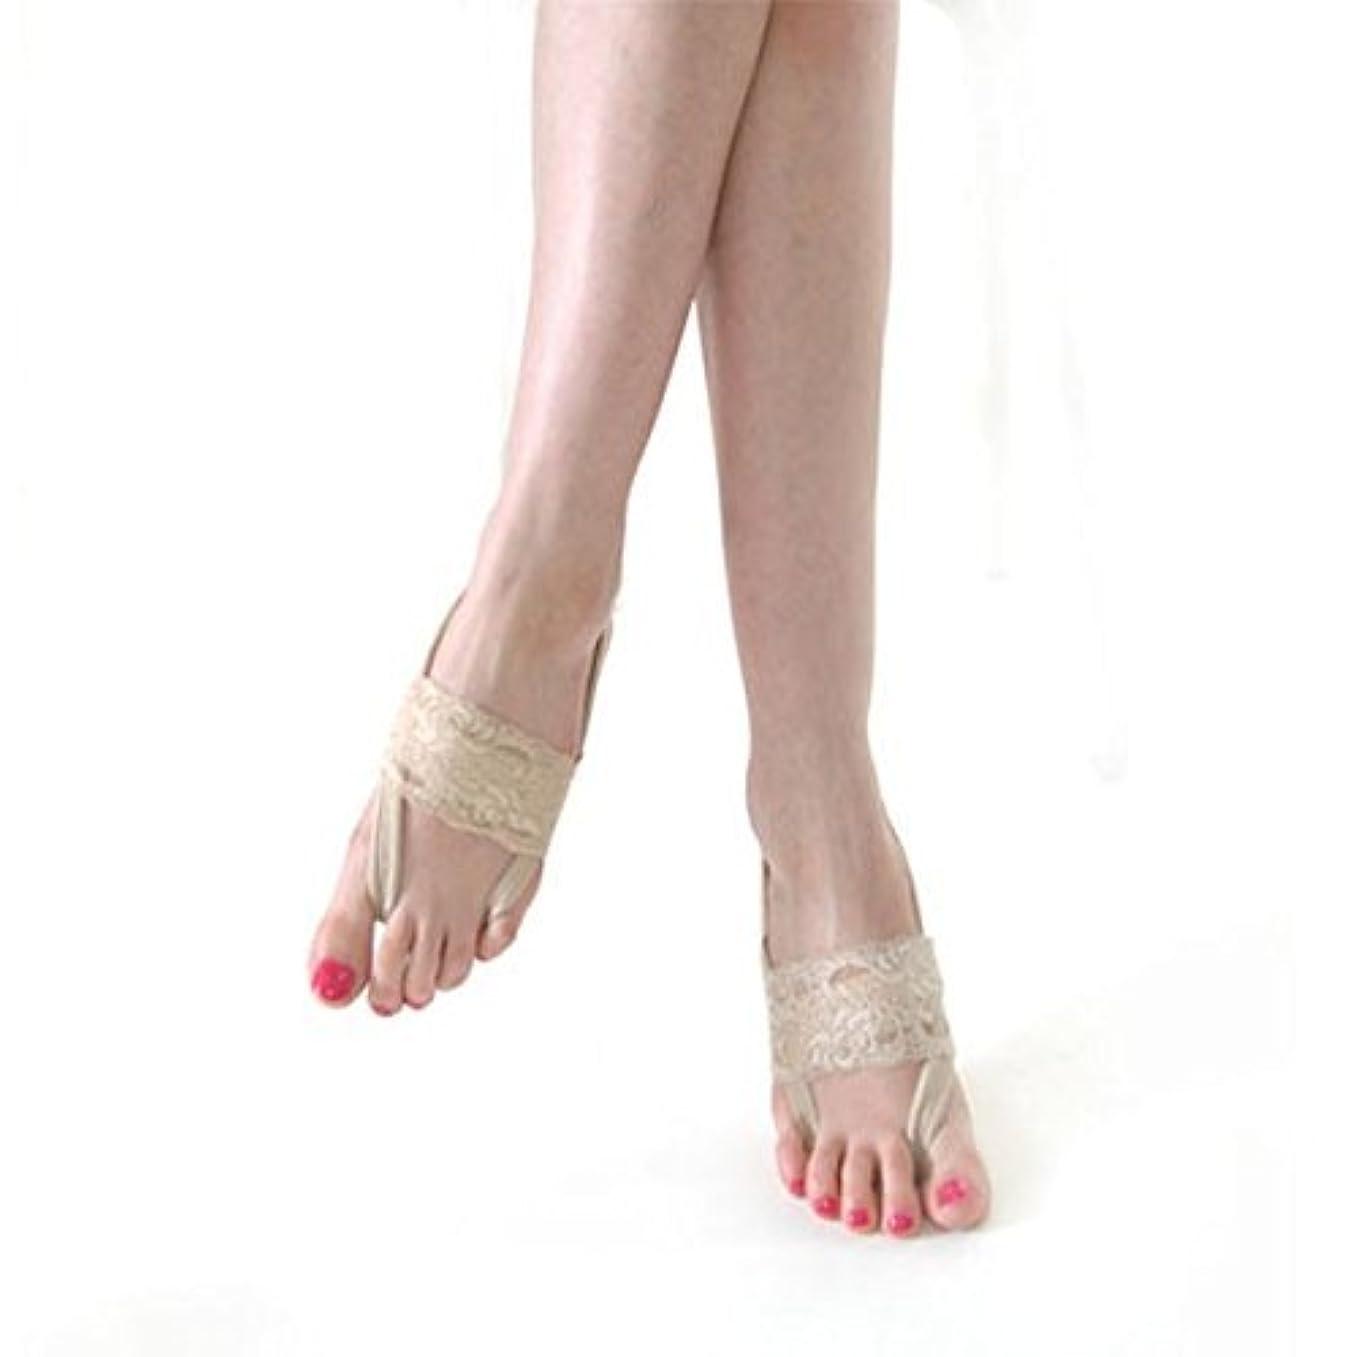 したい賛辞人気の足が疲れにくい アシピタ 【 ベージュ Sサイズ ソックス 】むくみ 冷え 美脚 美姿勢をサポート 21-23cm